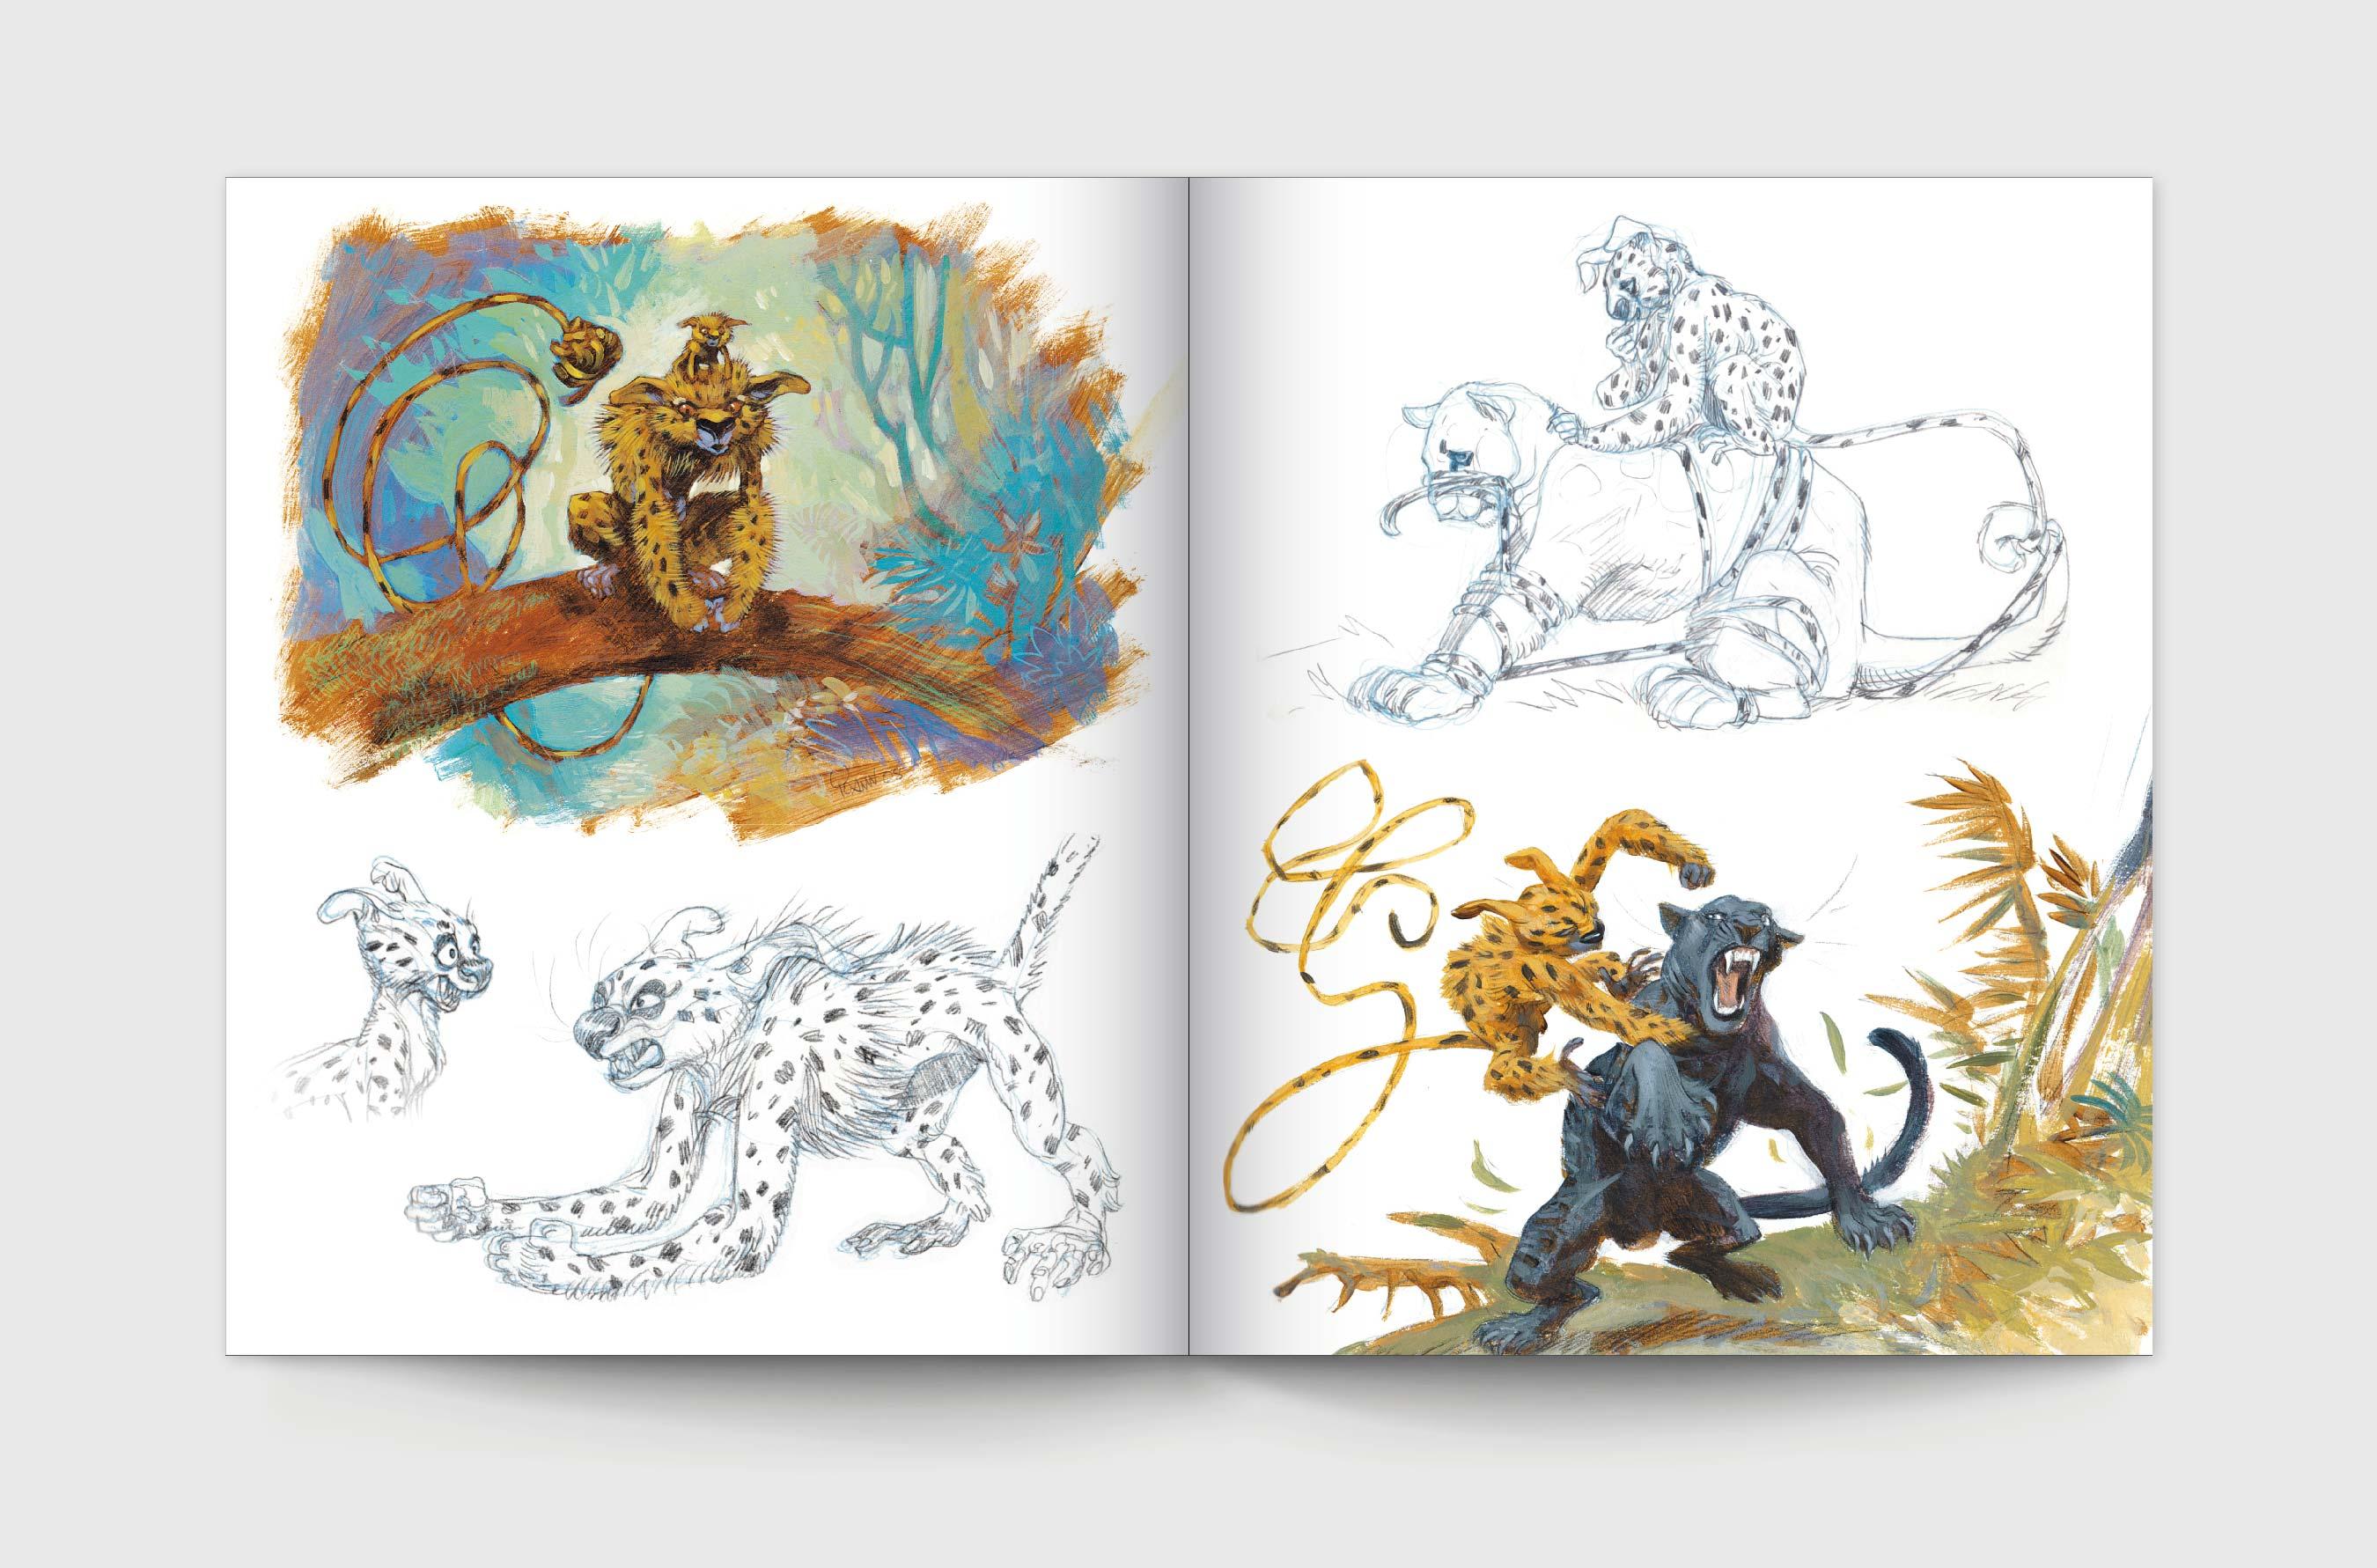 Sketchbook Yoann 2